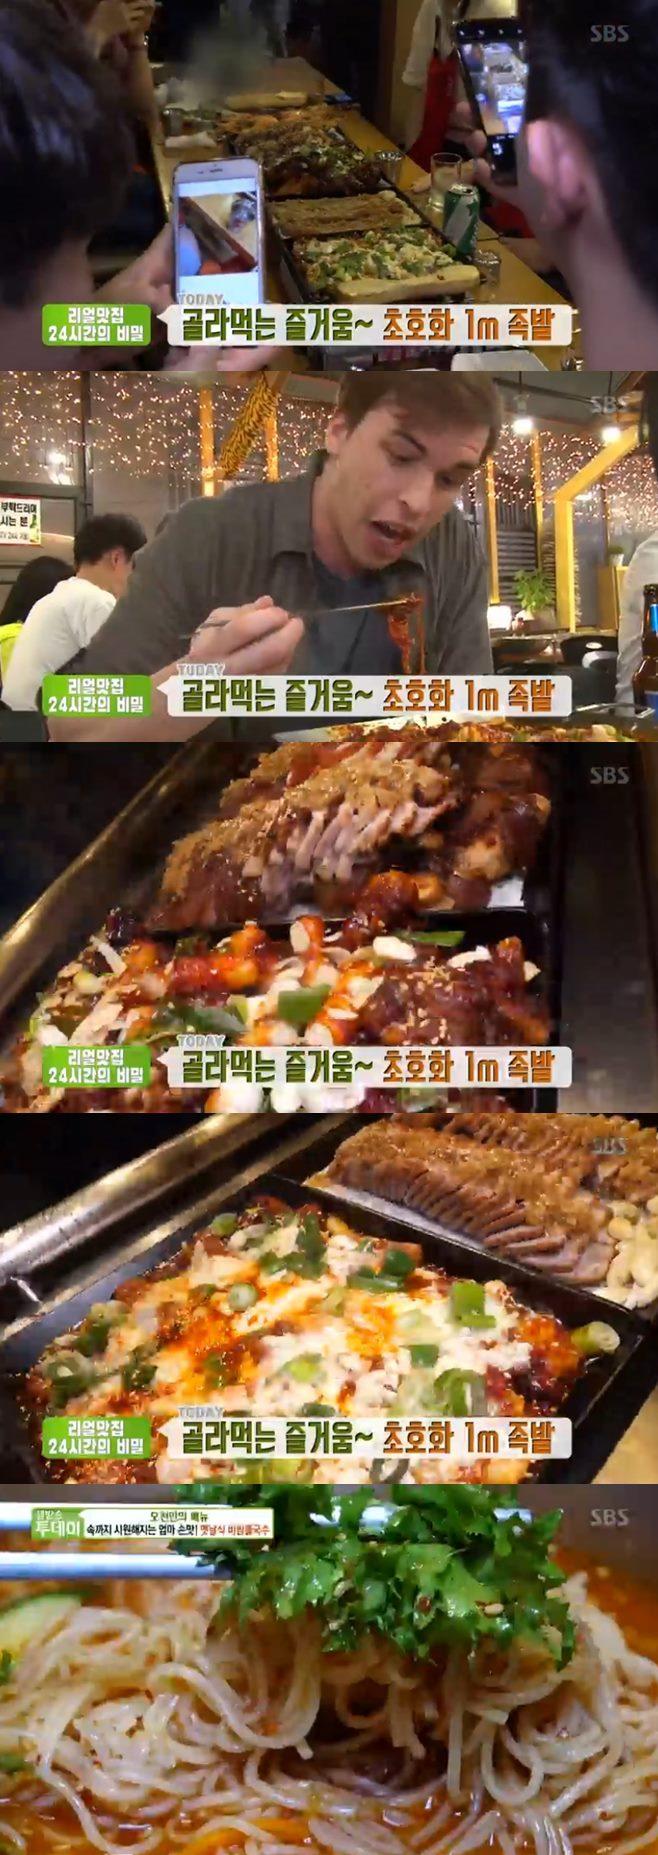 '생방송투데이' 초호화 1m 족발vs꼬막vs백골뱅이 한판 비빔국수 맛집